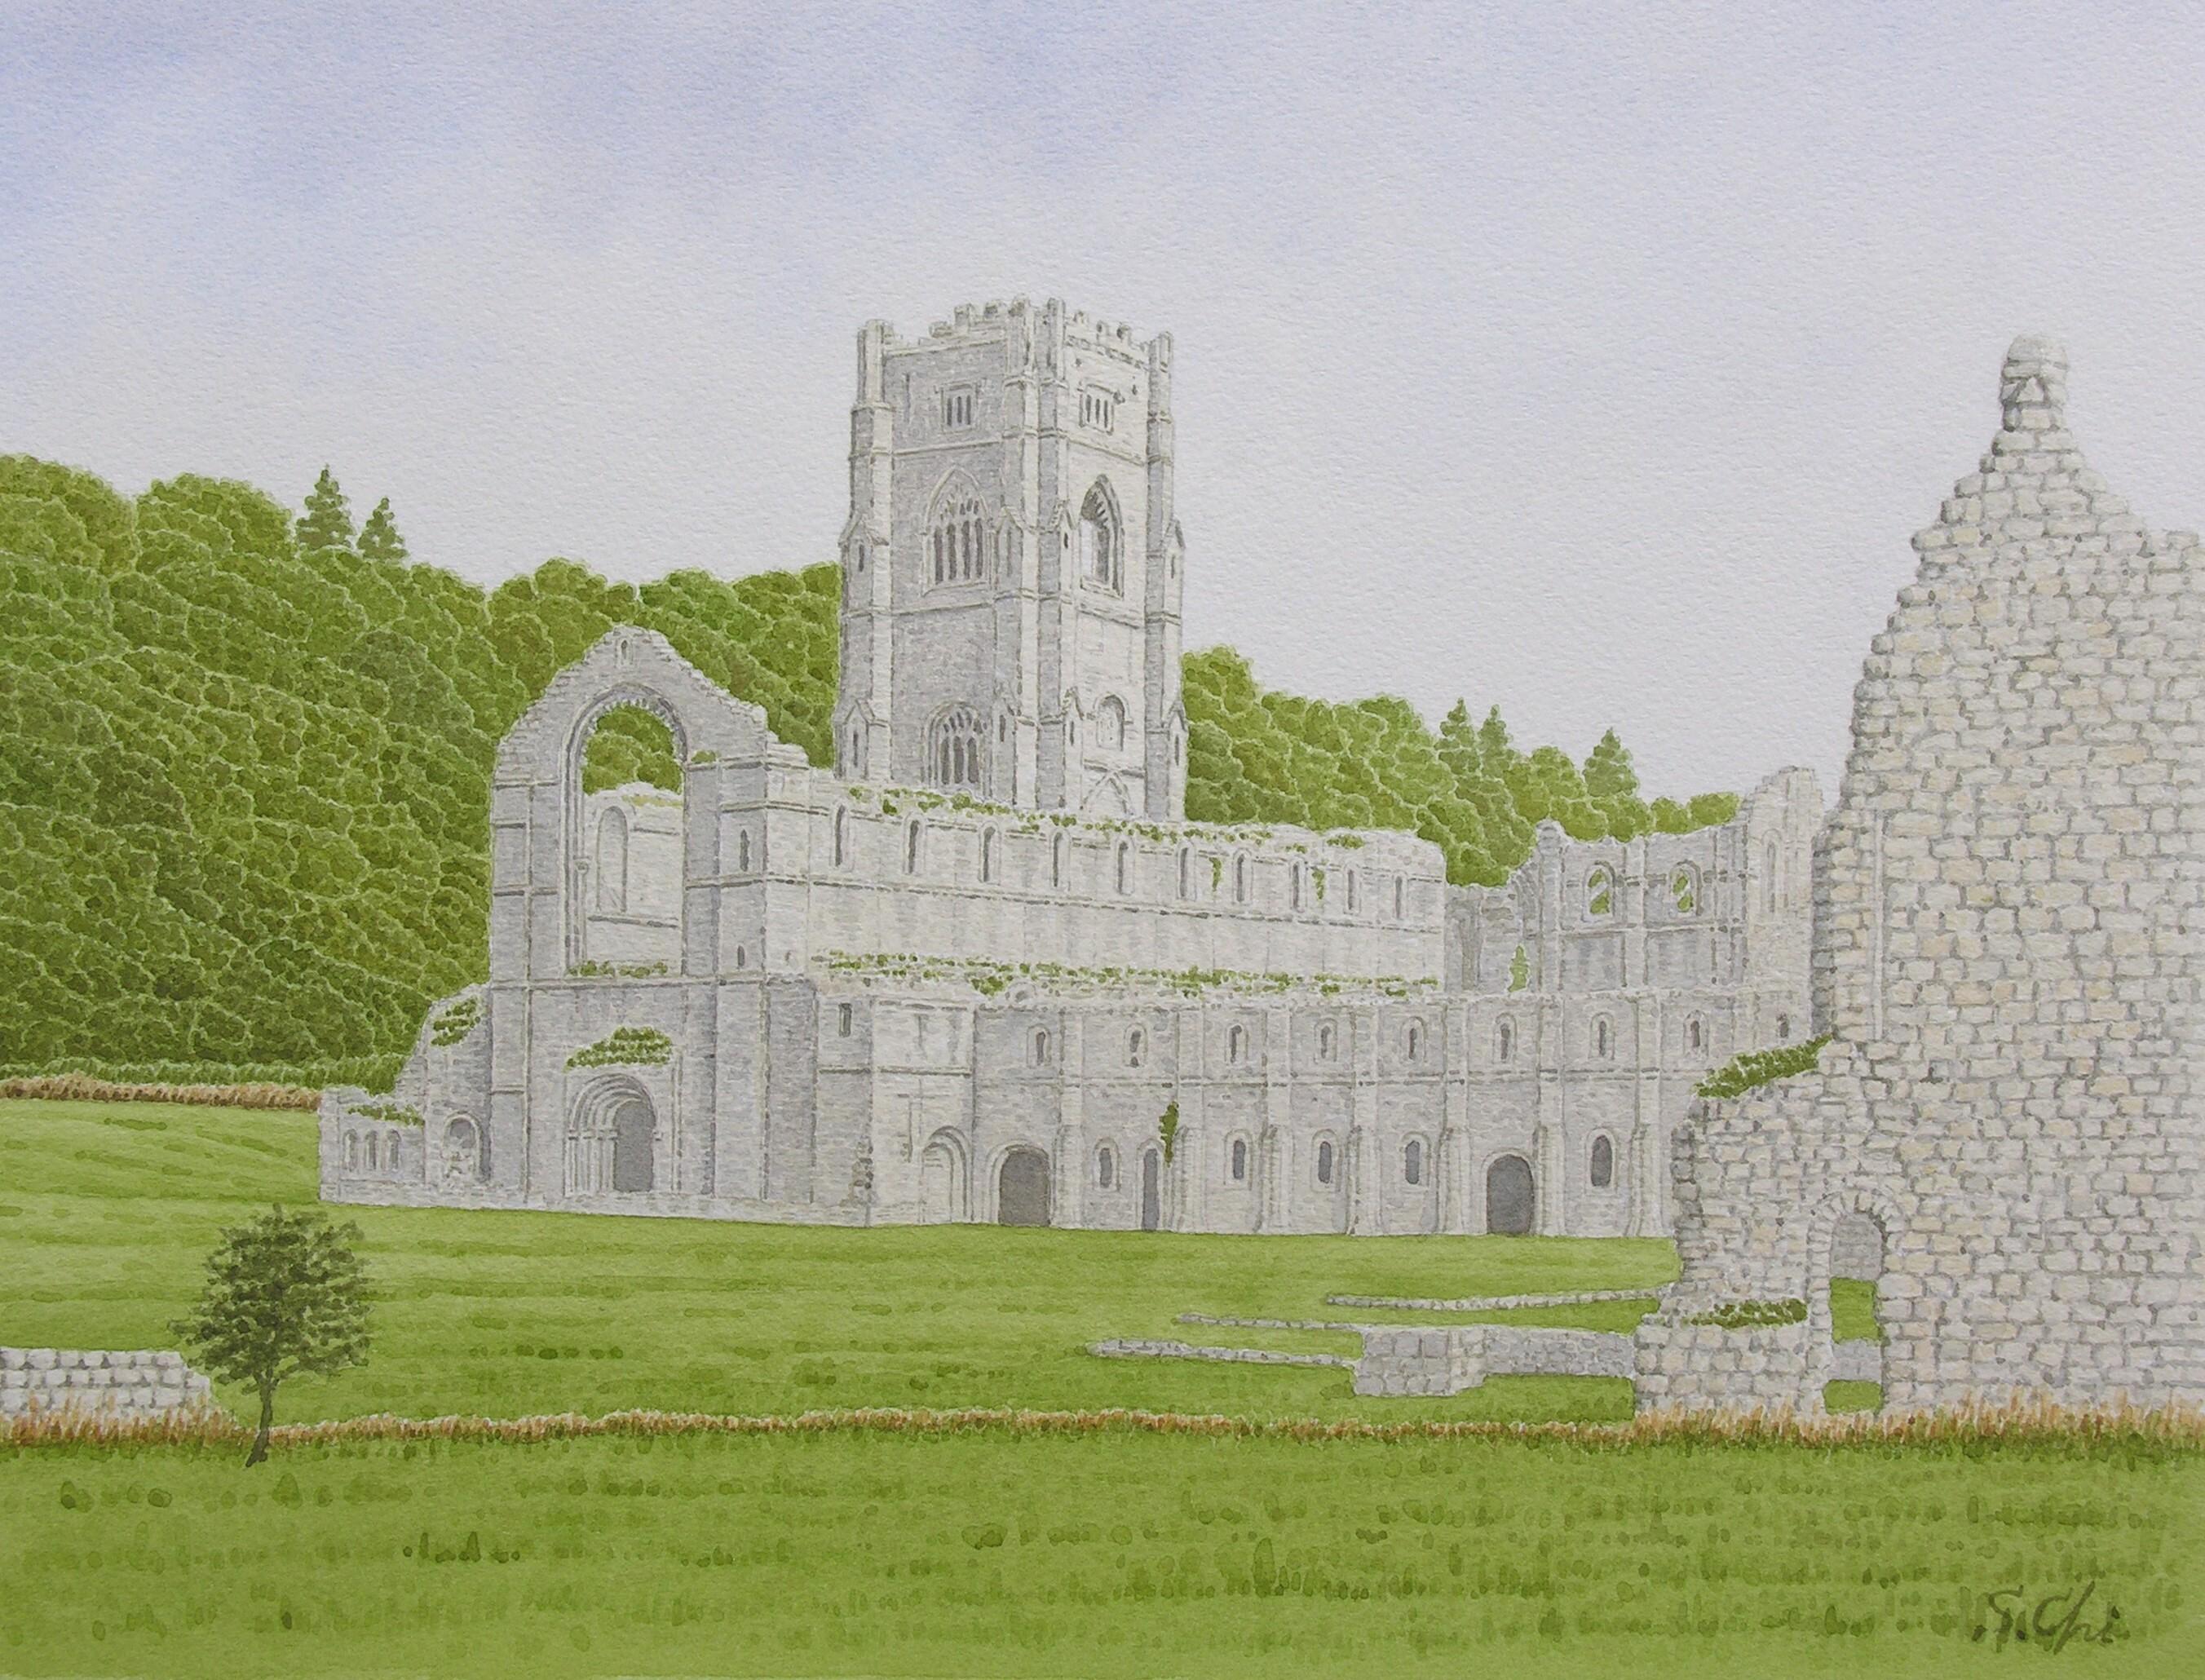 ファウンテンズ修道院の画像 p1_13